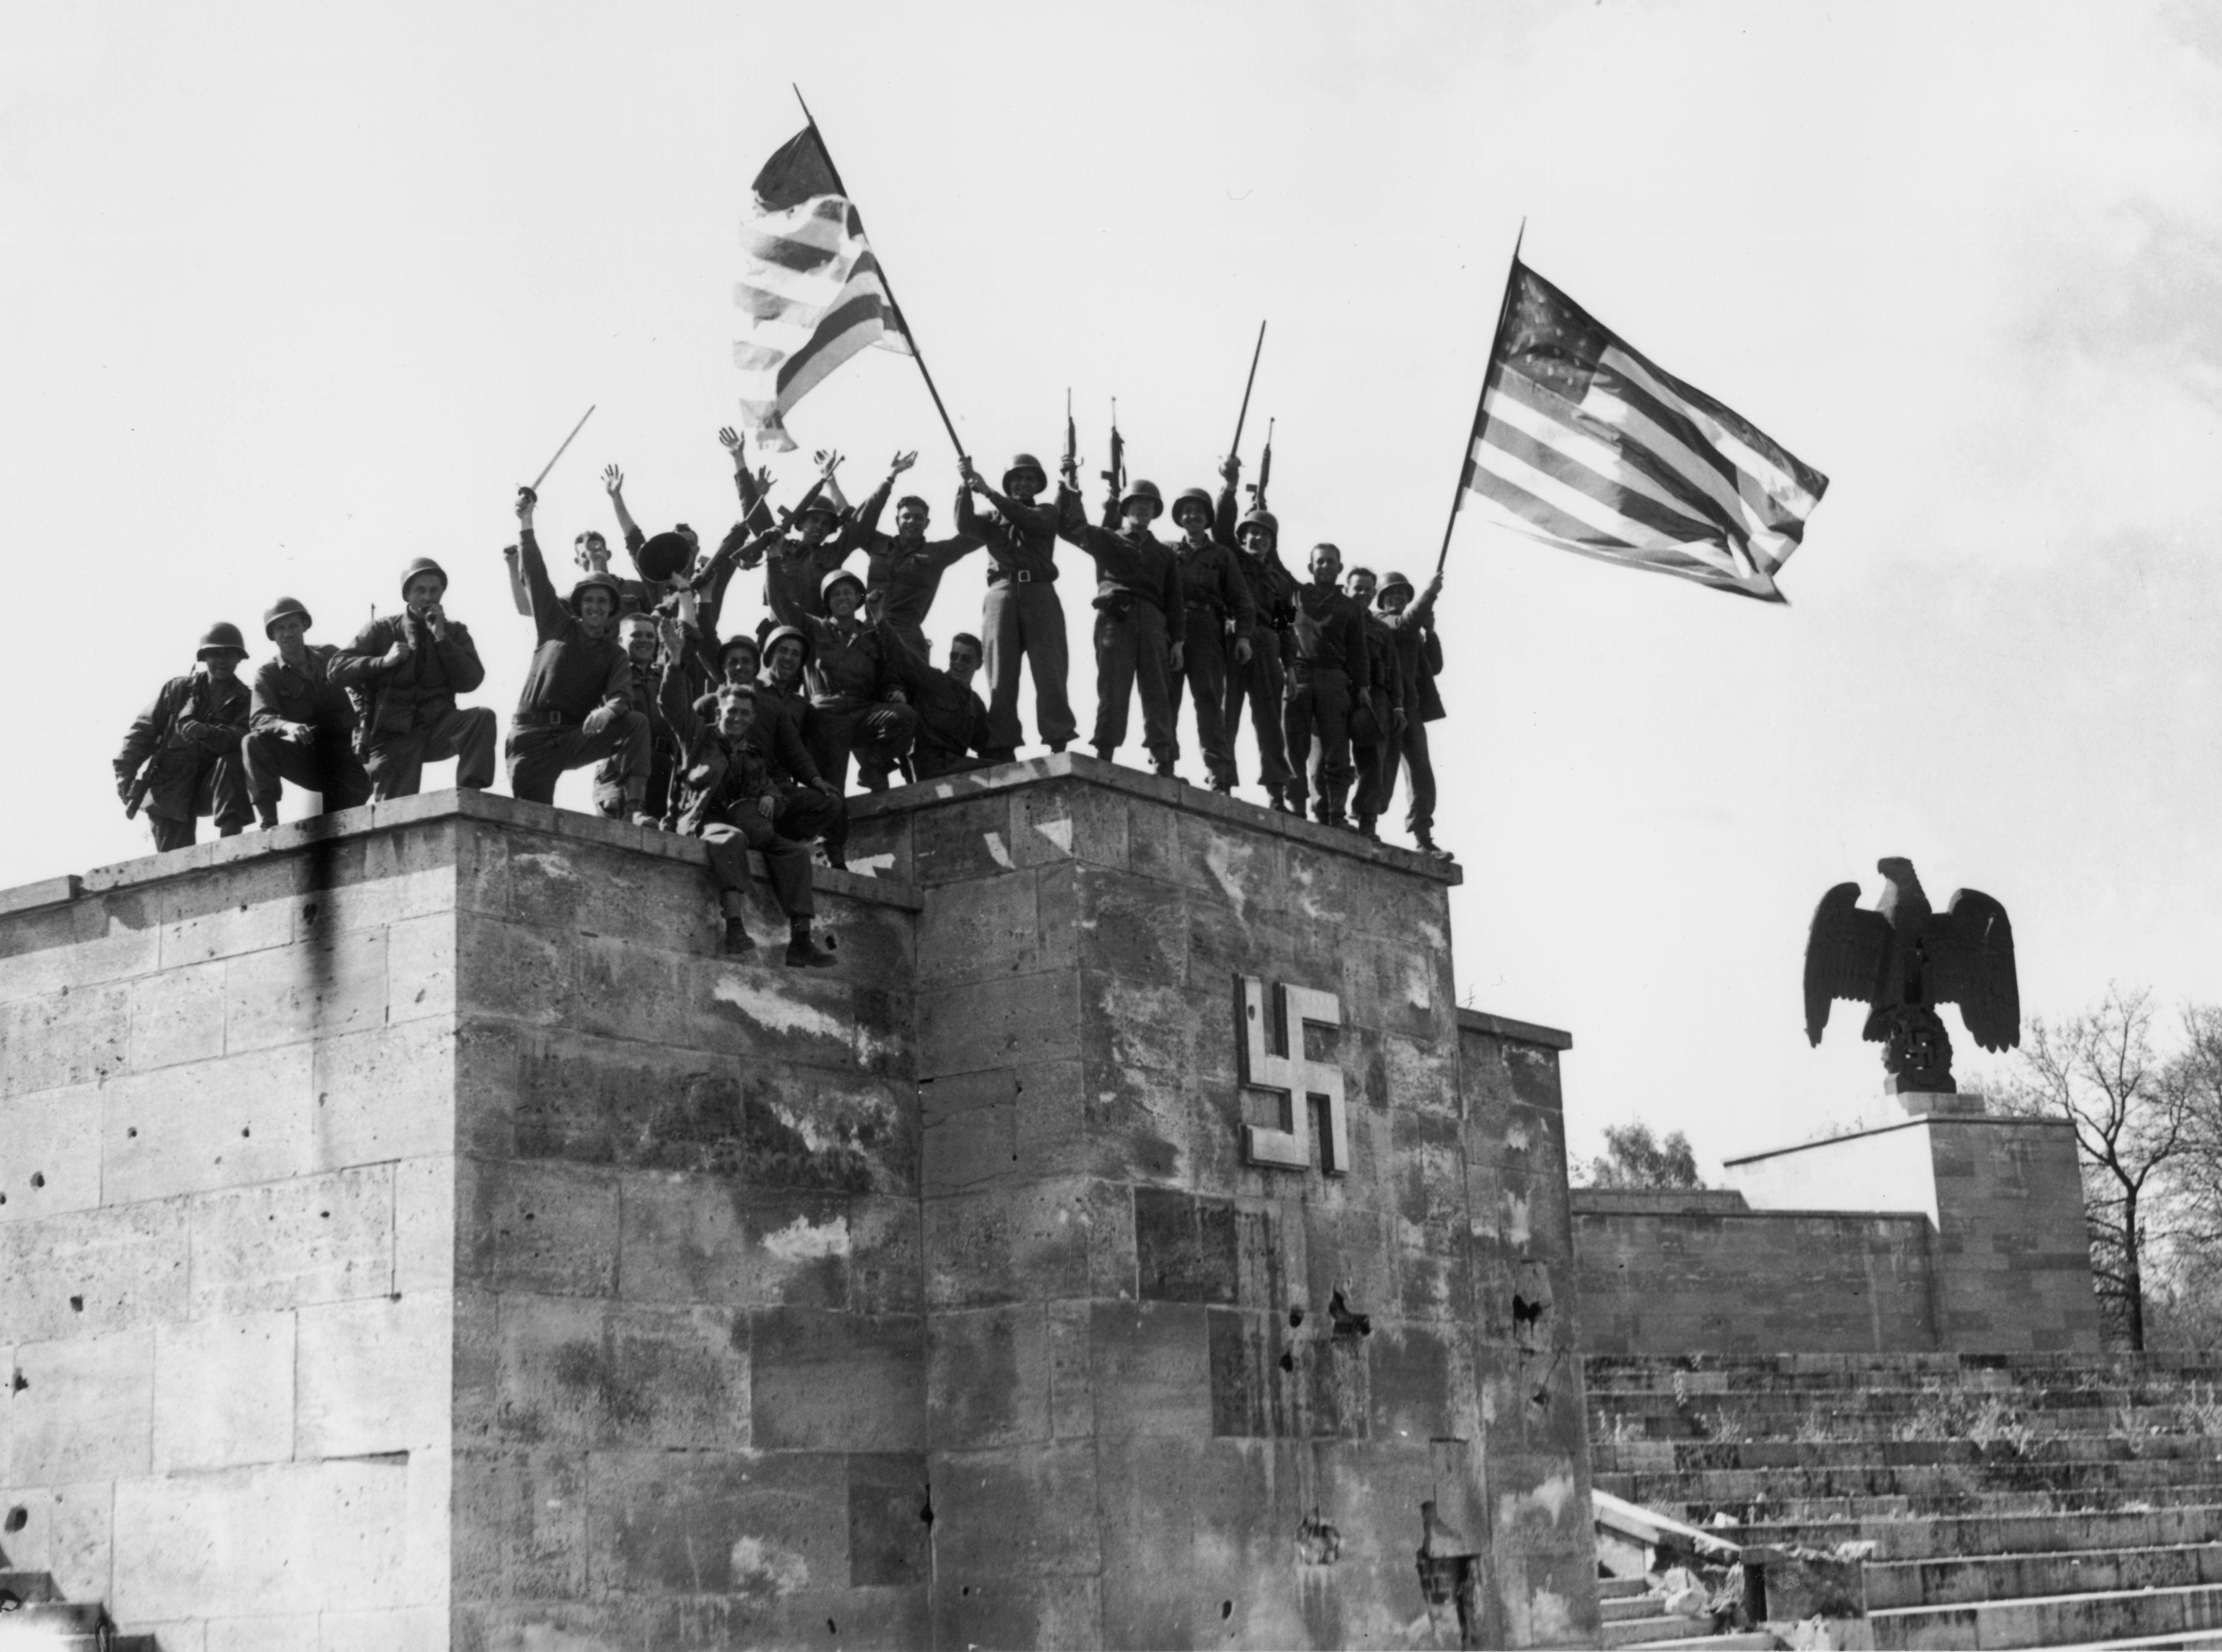 world war 2 - photo #24